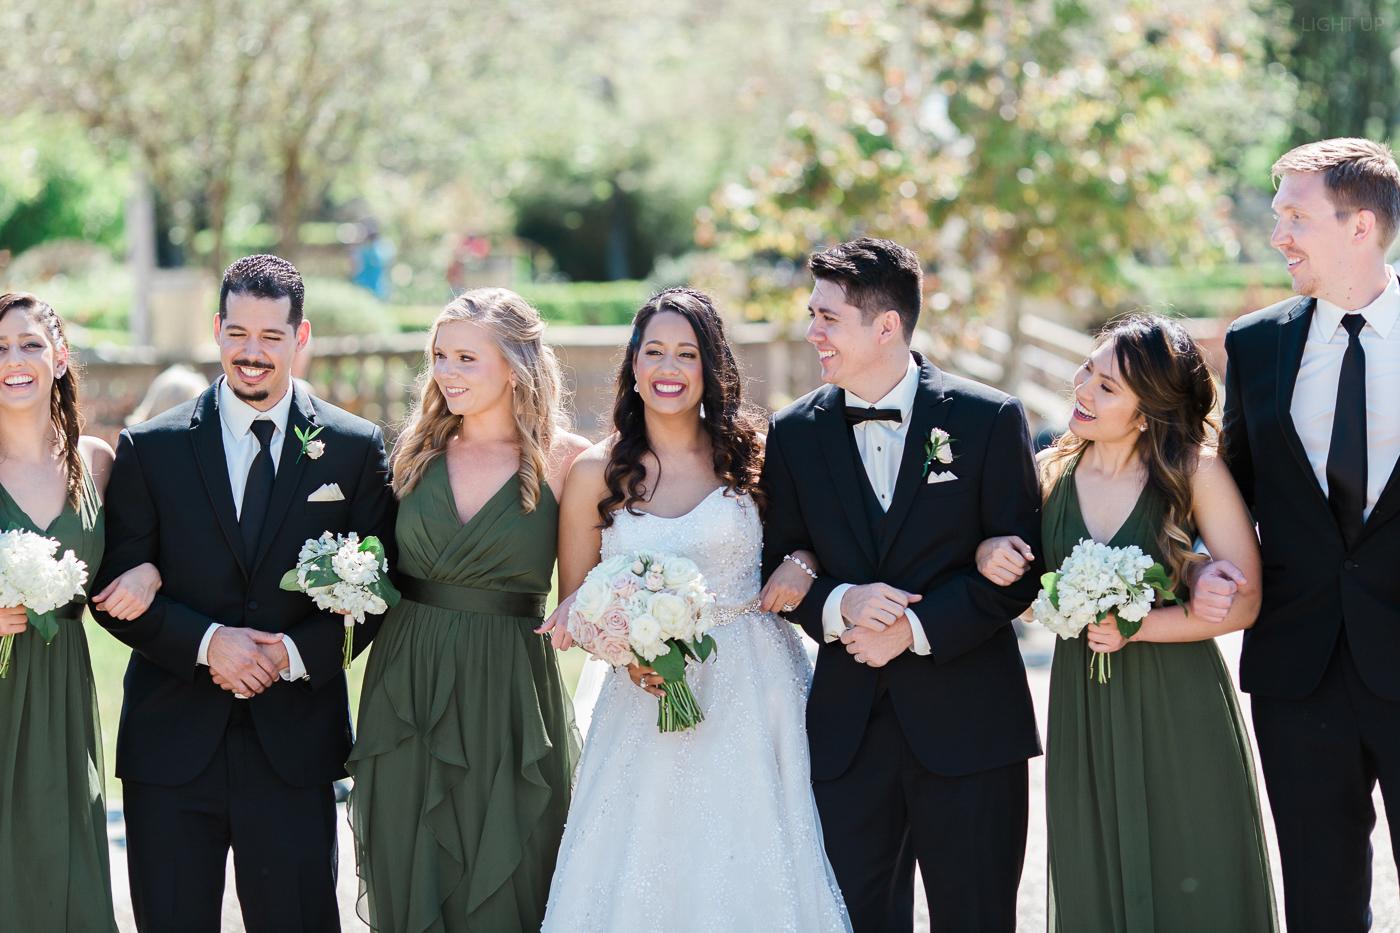 lake mirror wedding in lakeland-1.jpg